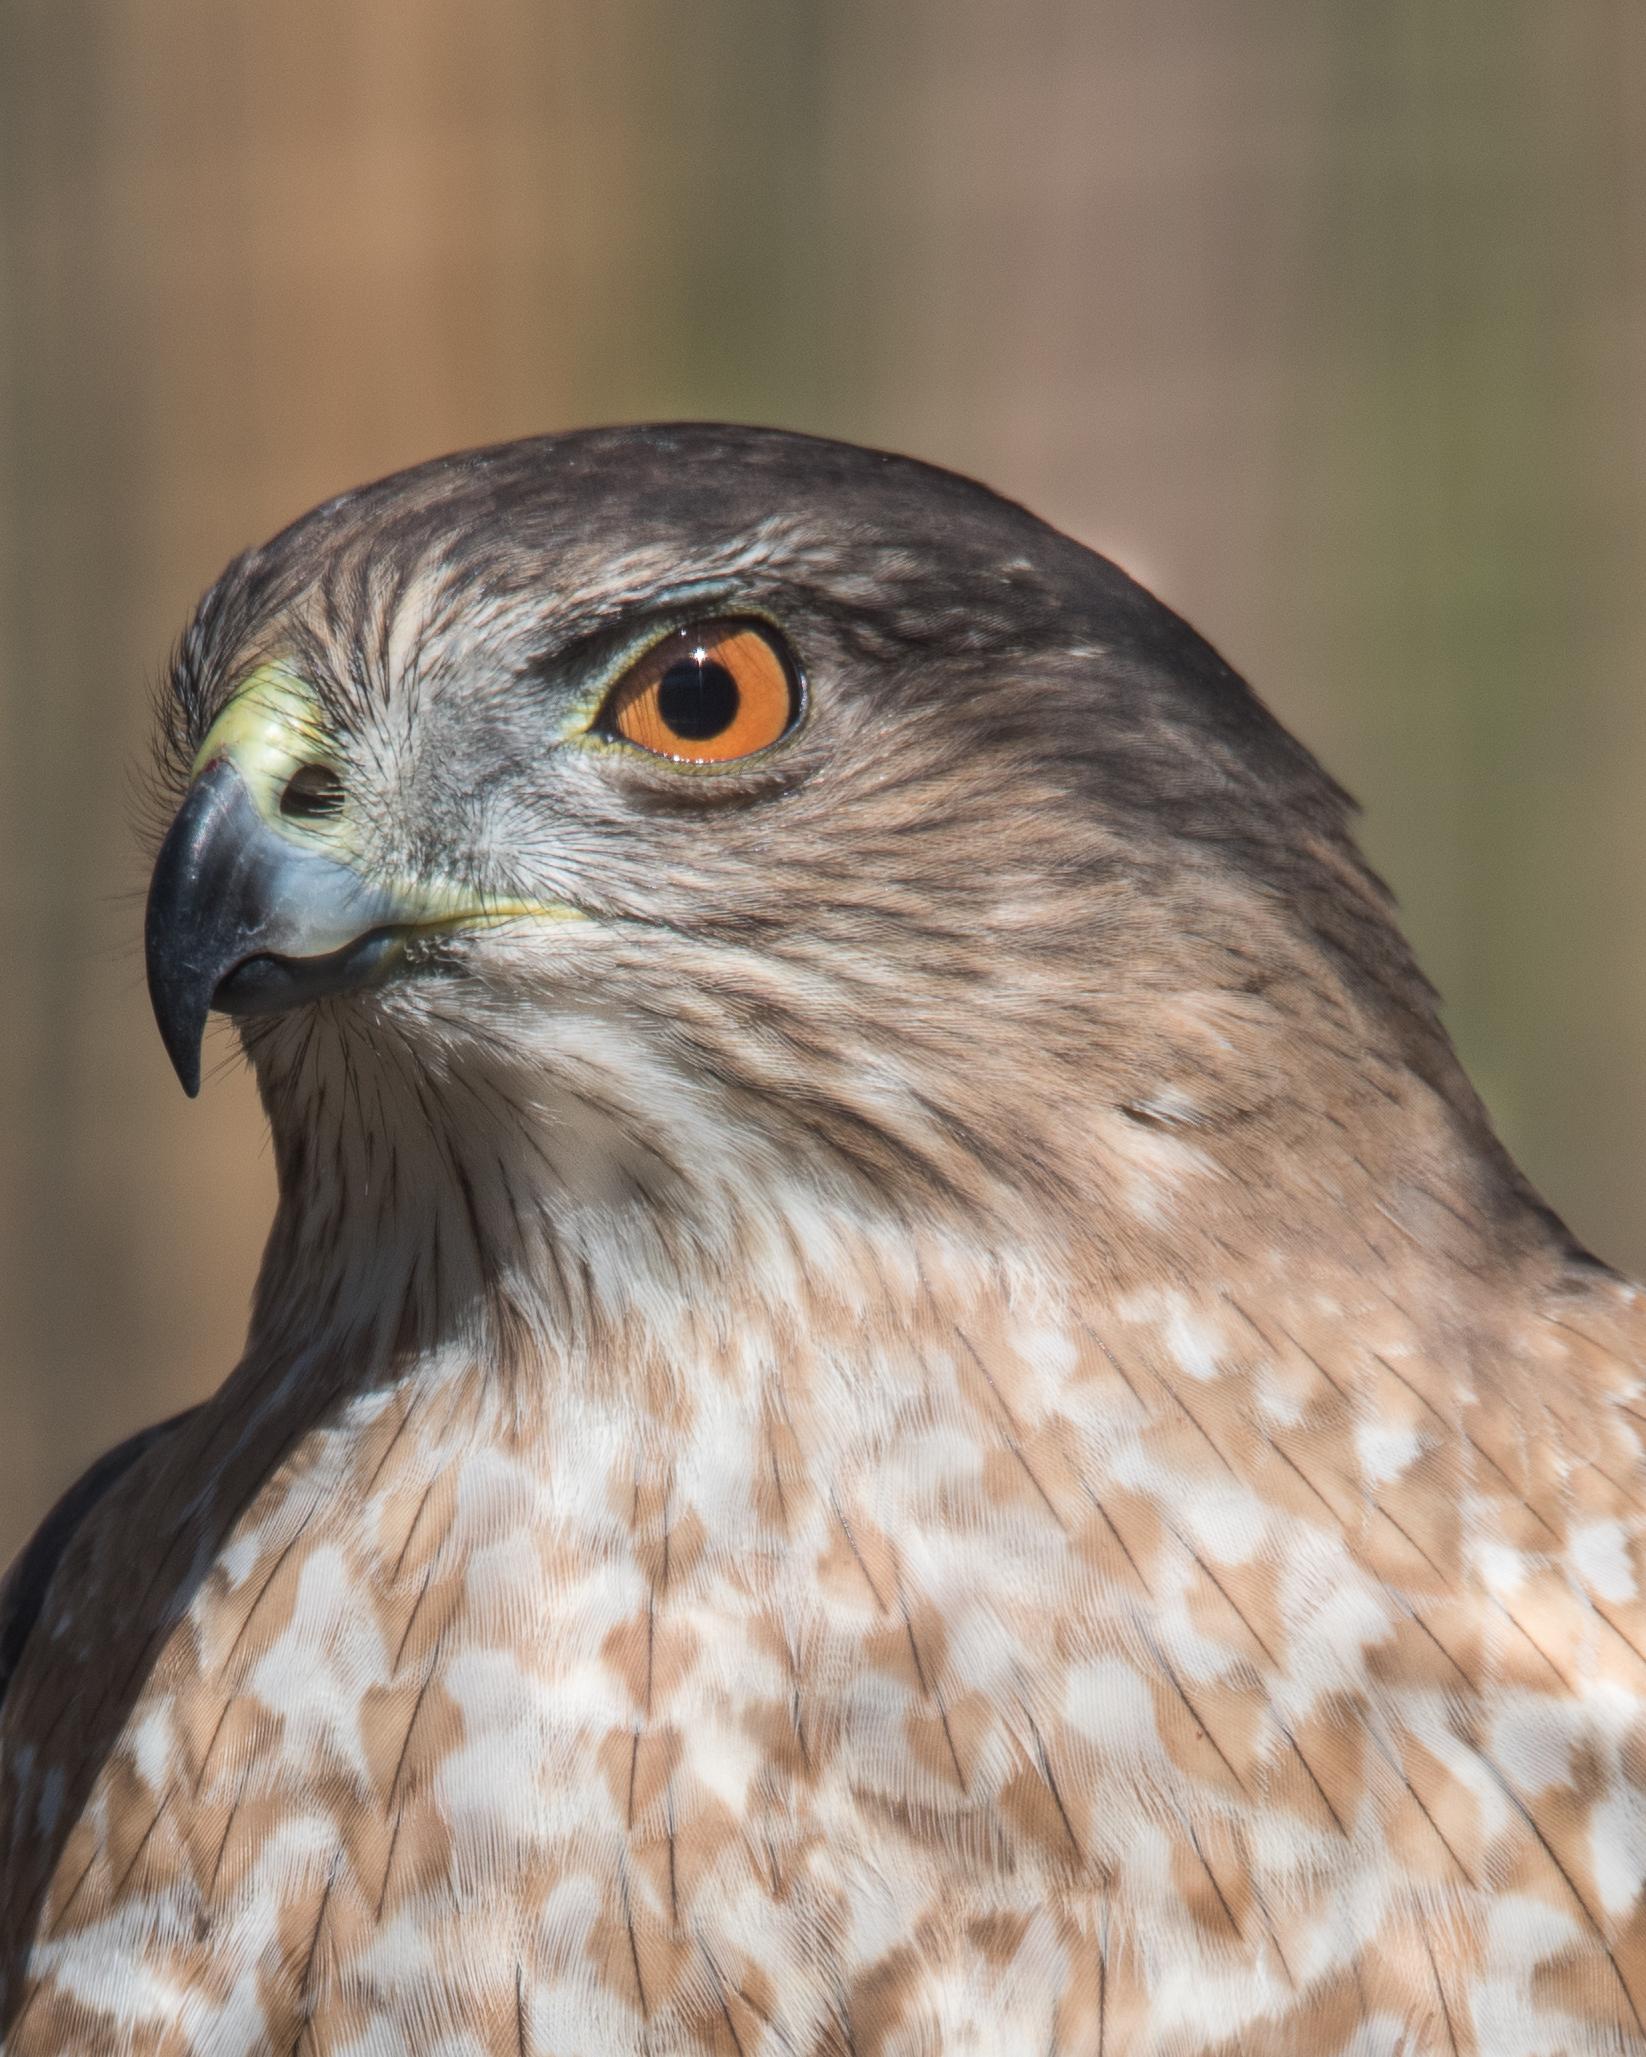 Captive Cooper's Hawk  ISO 250 500mm f/11 1/320 sec.